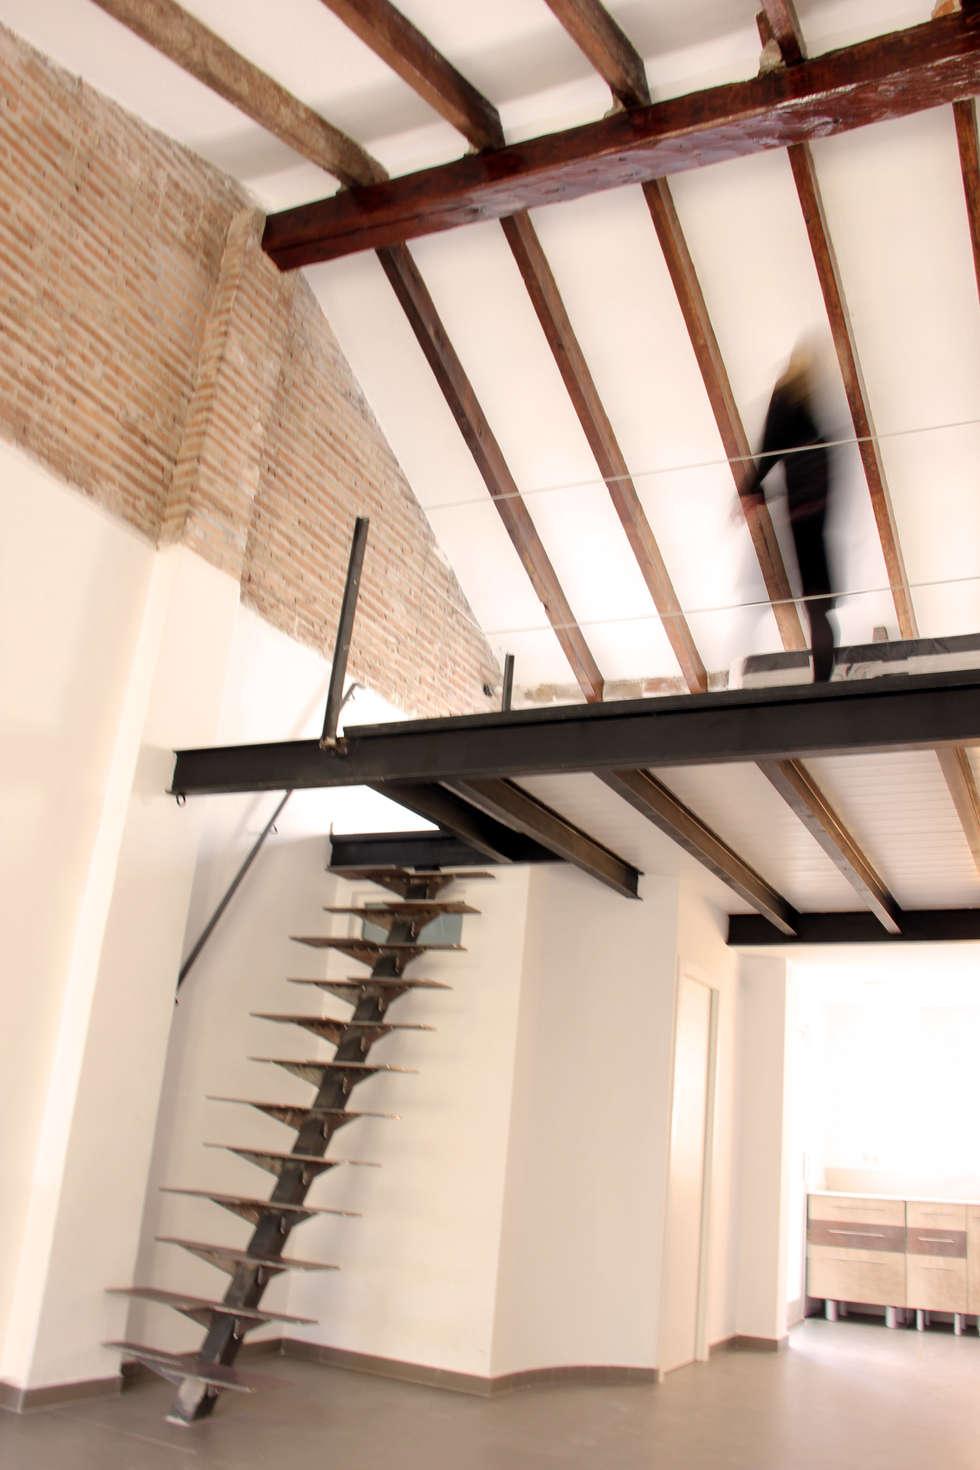 Wohnideen interior design einrichtungsideen bilder for Loft reformas